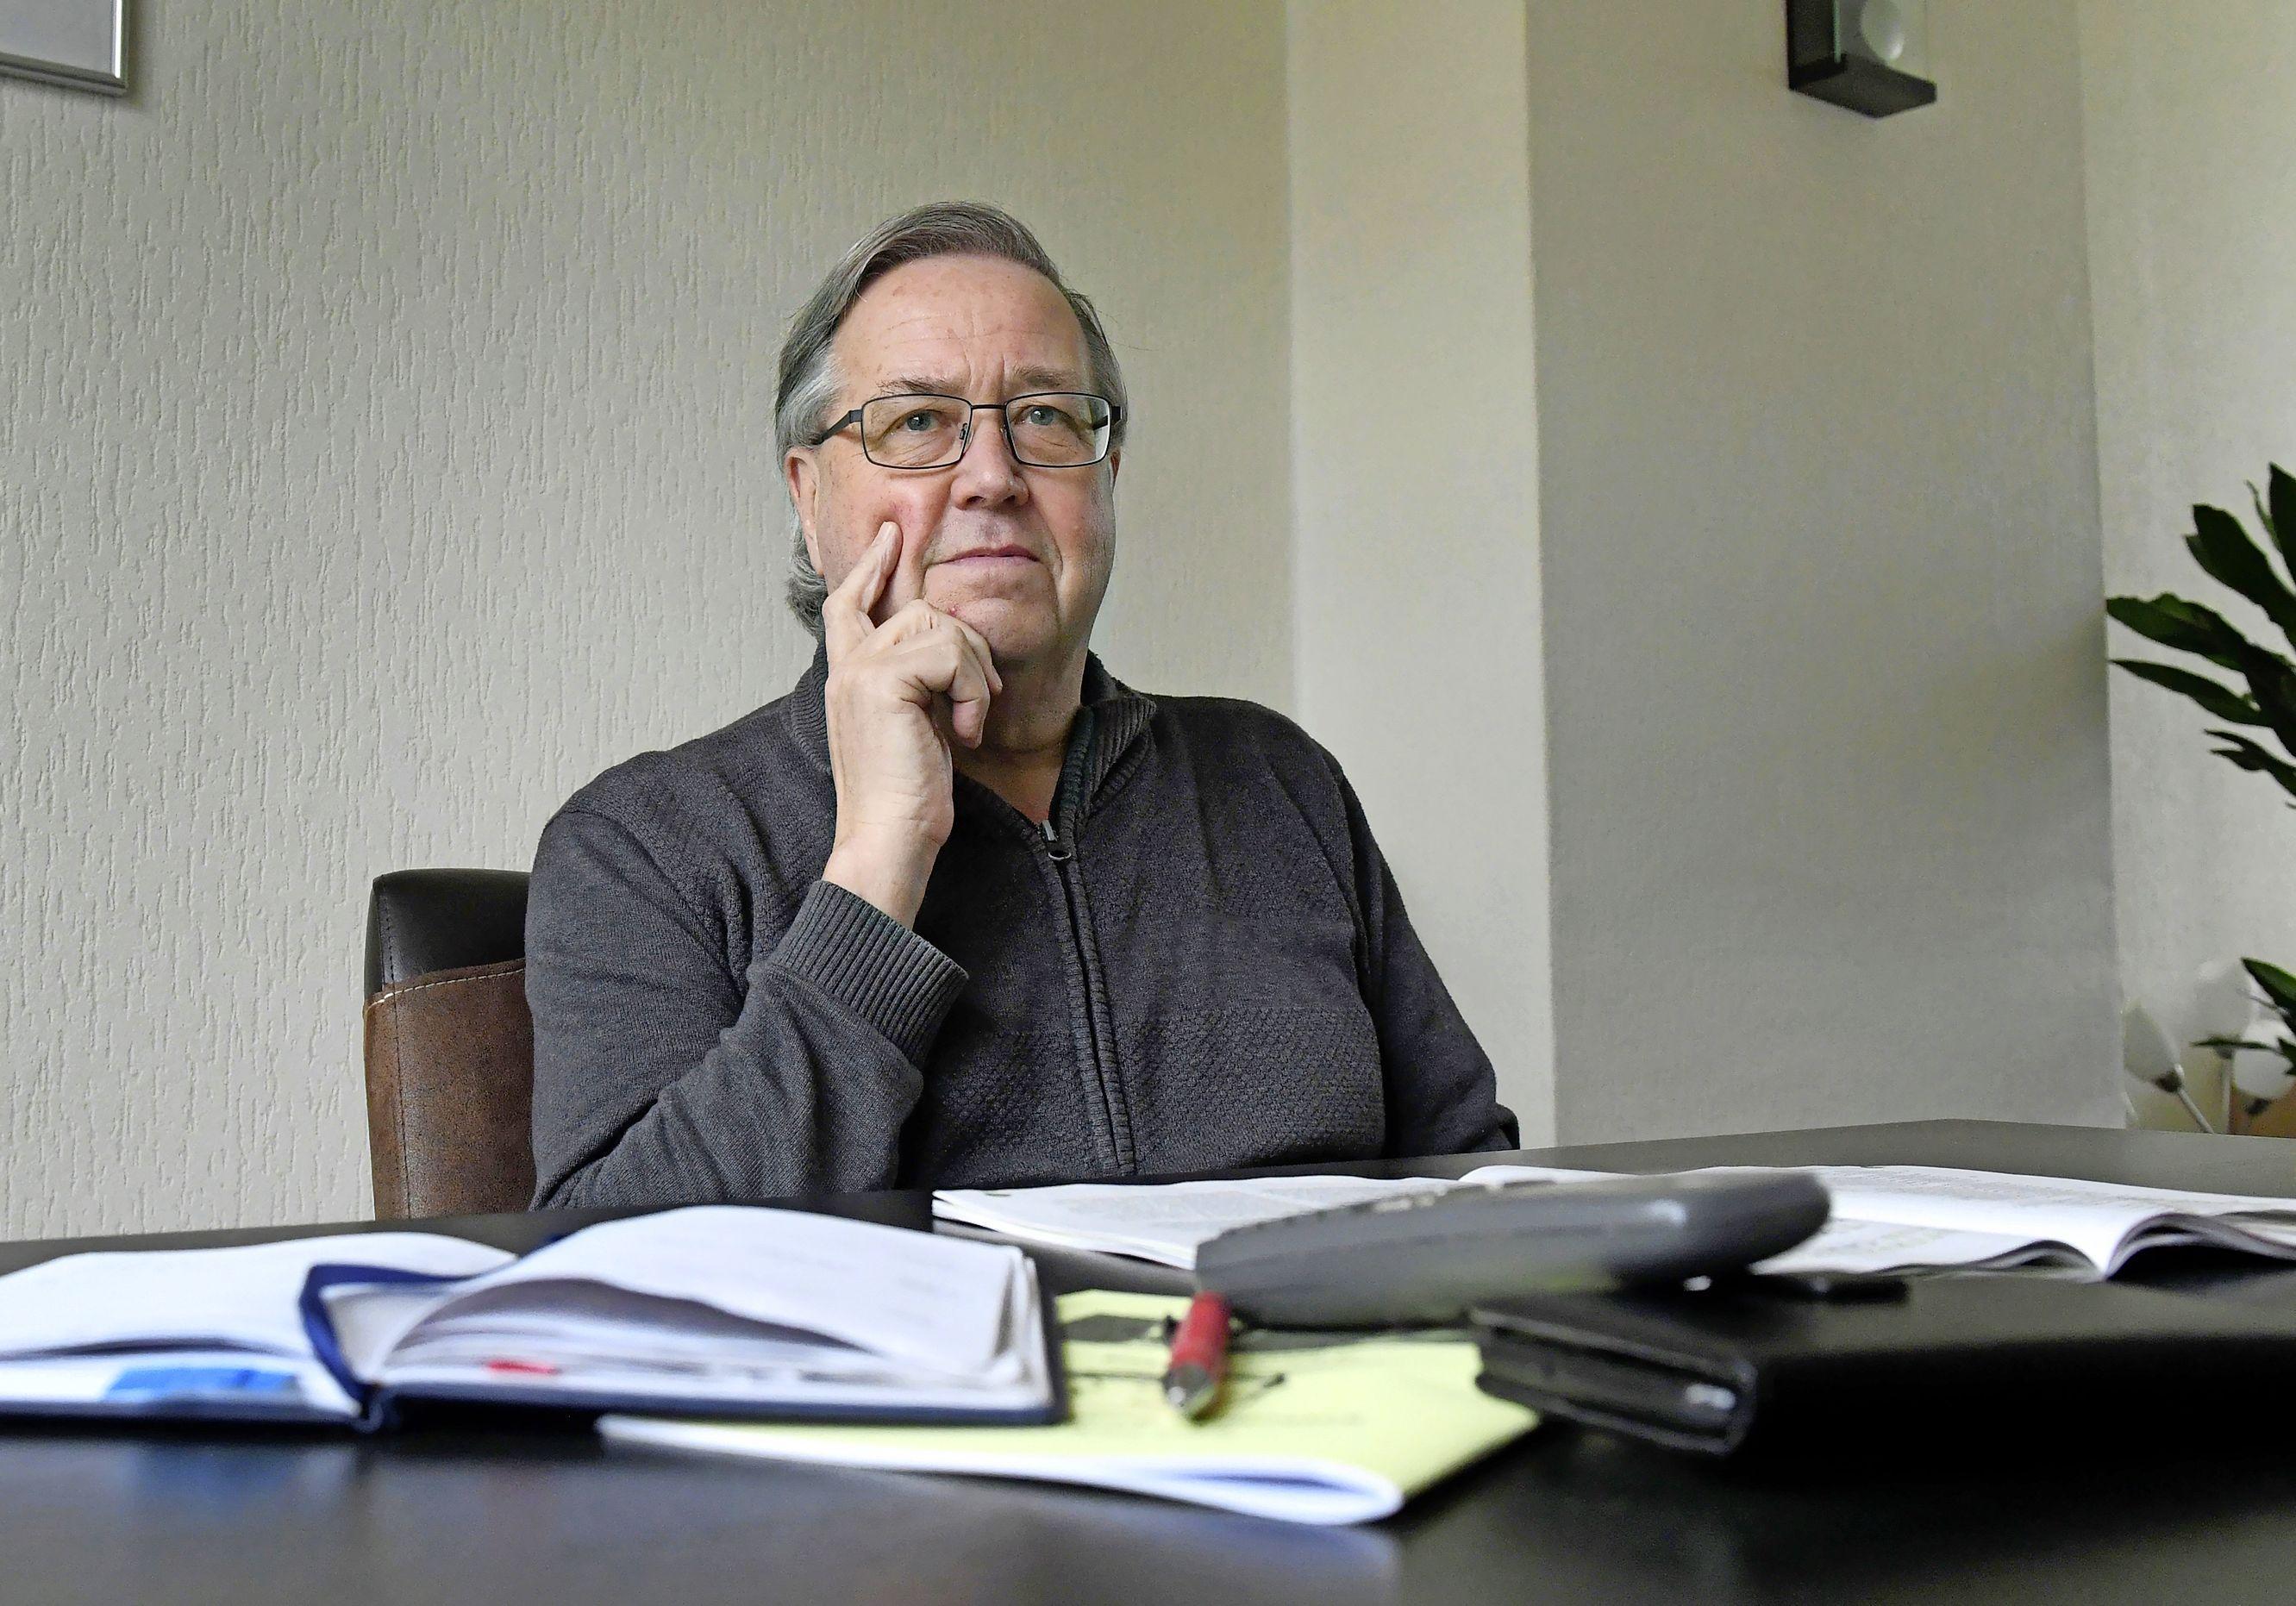 Als je dood bent, moet je in Den Helder over het lopende jaar gewoon afvalstoffenheffing betalen. 'Dat is diefstal', vindt weduwnaar Wout Goudappel